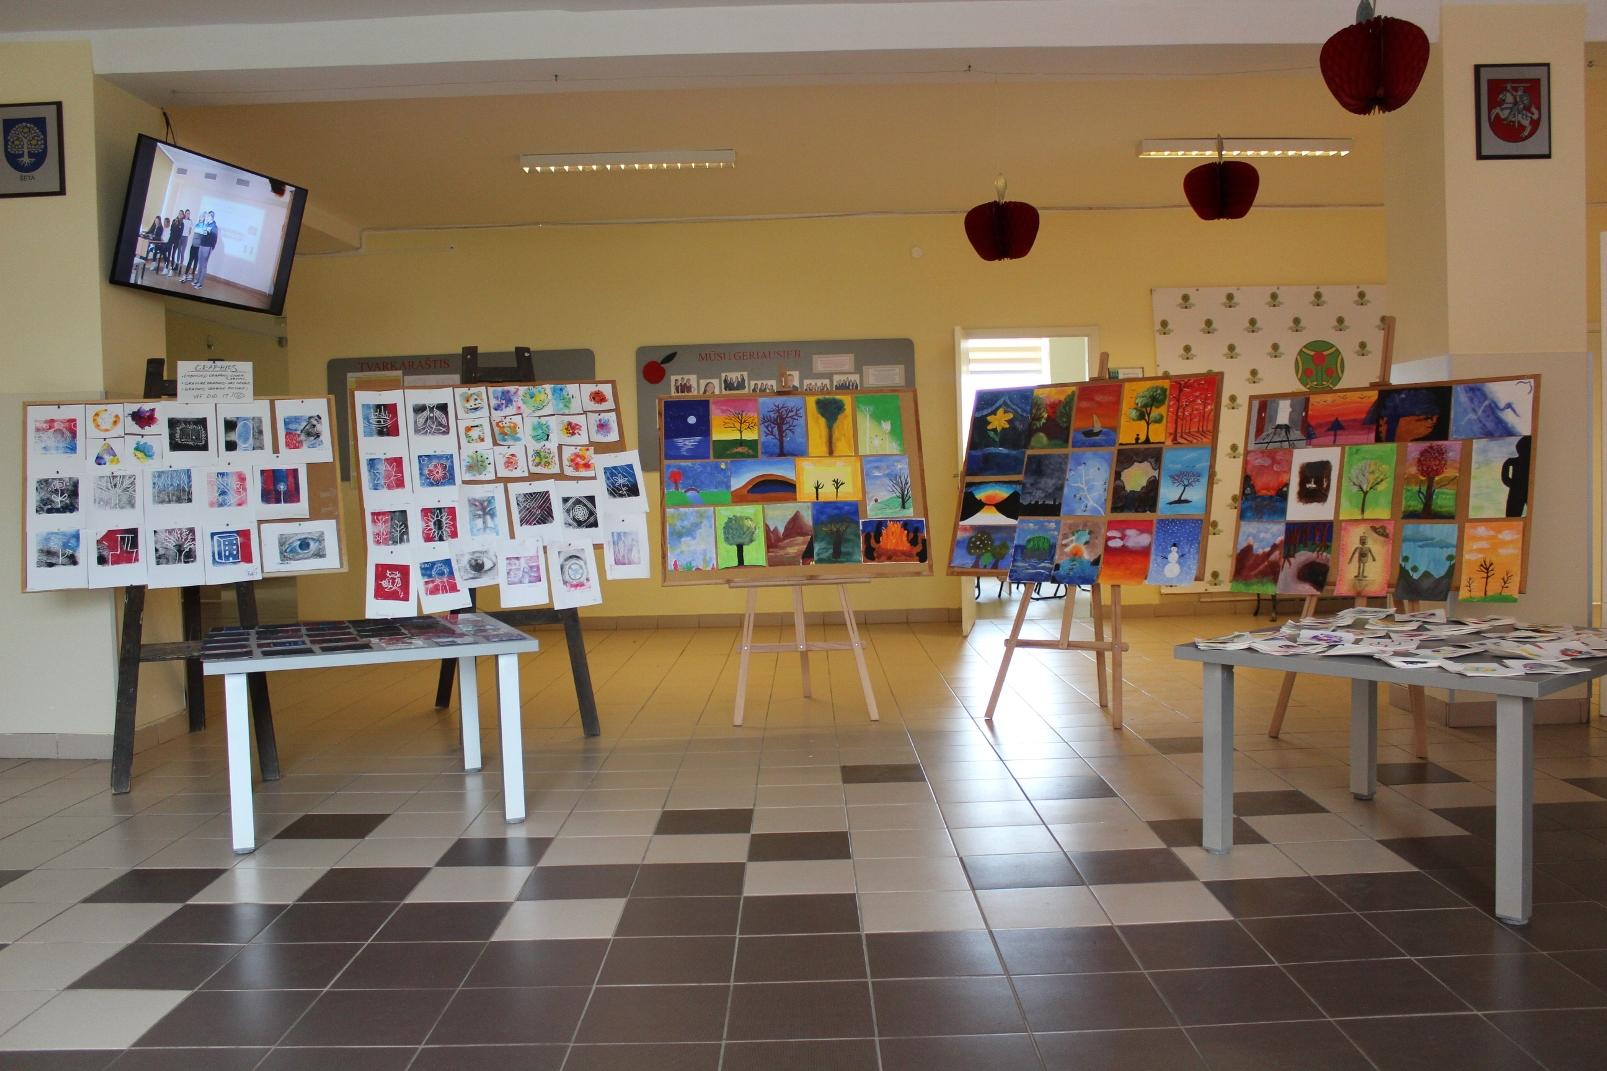 Projekto dalyvių darbų paroda gimnazijos fojė. / E. Nagevičienės nuotr.